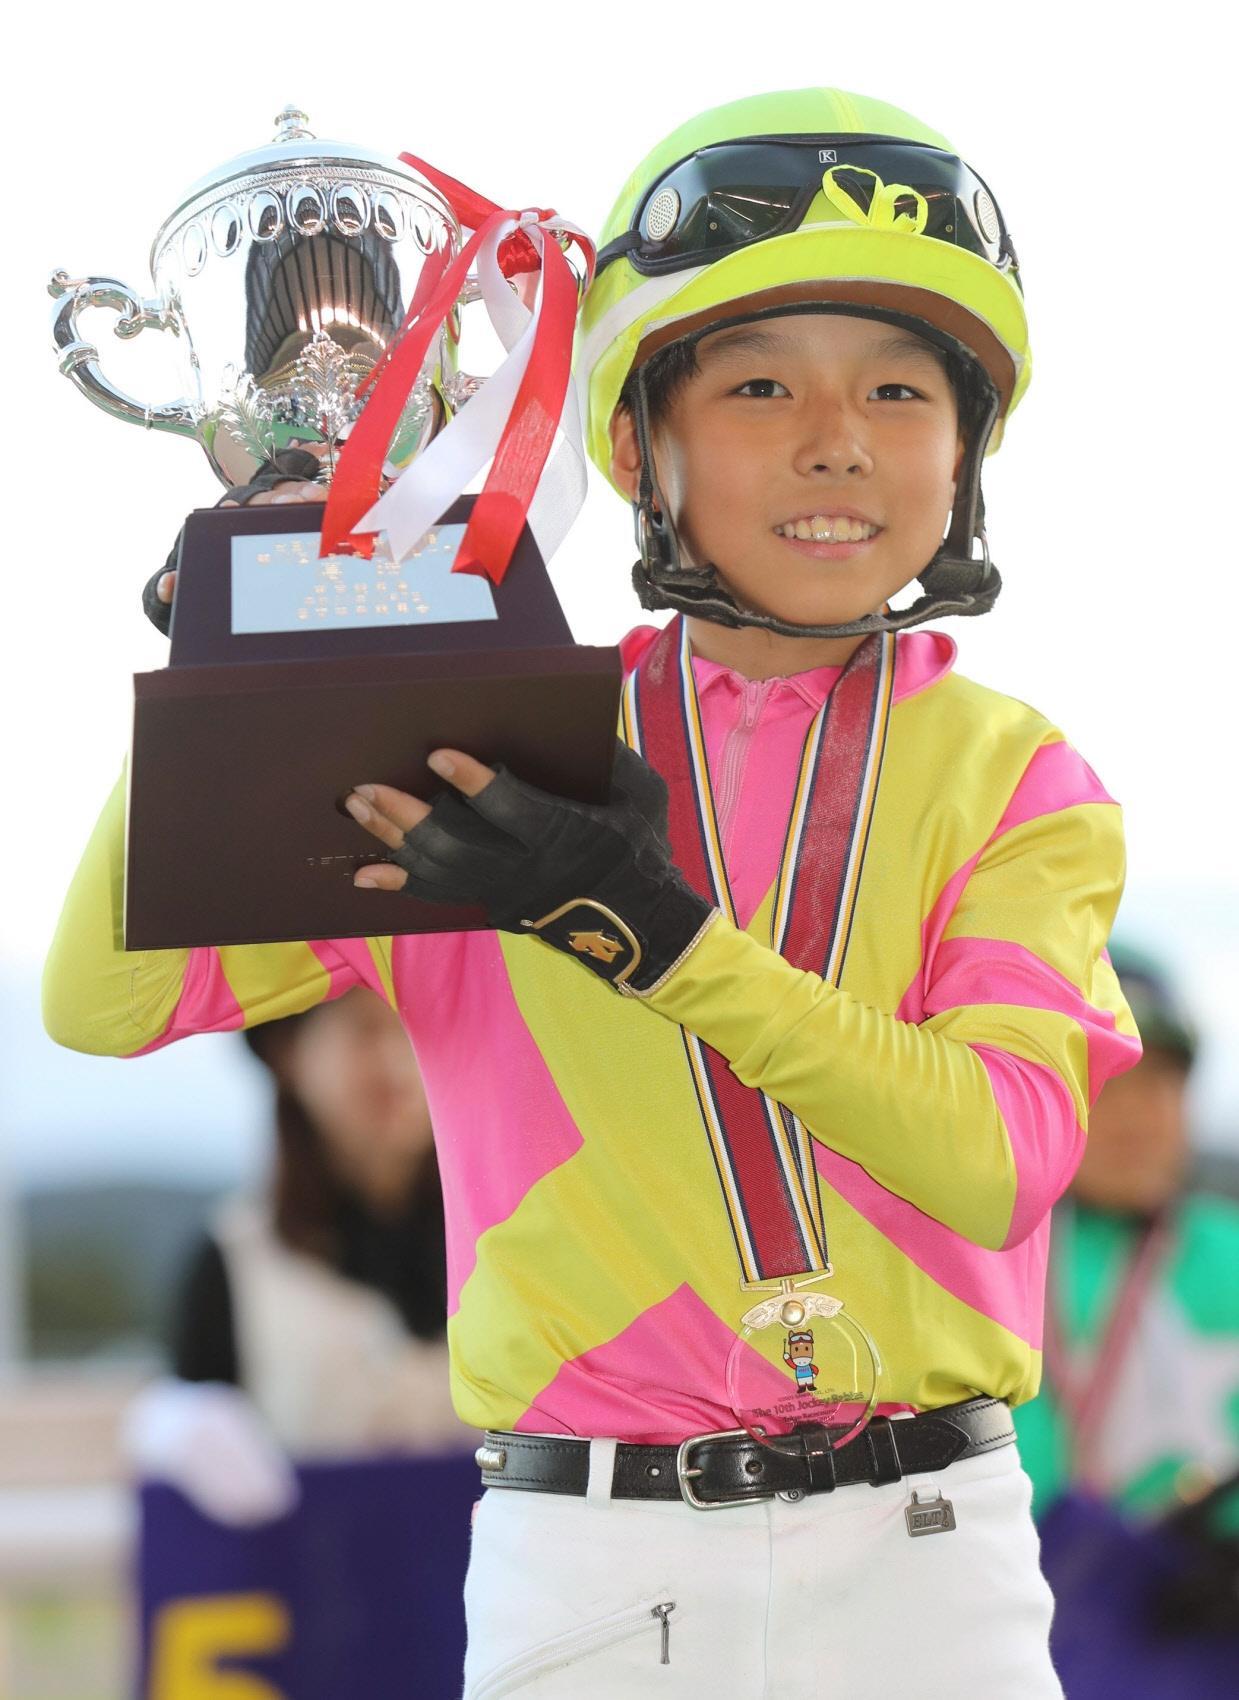 第10回ジョッキーベイビーズで優勝した木村暁琉君